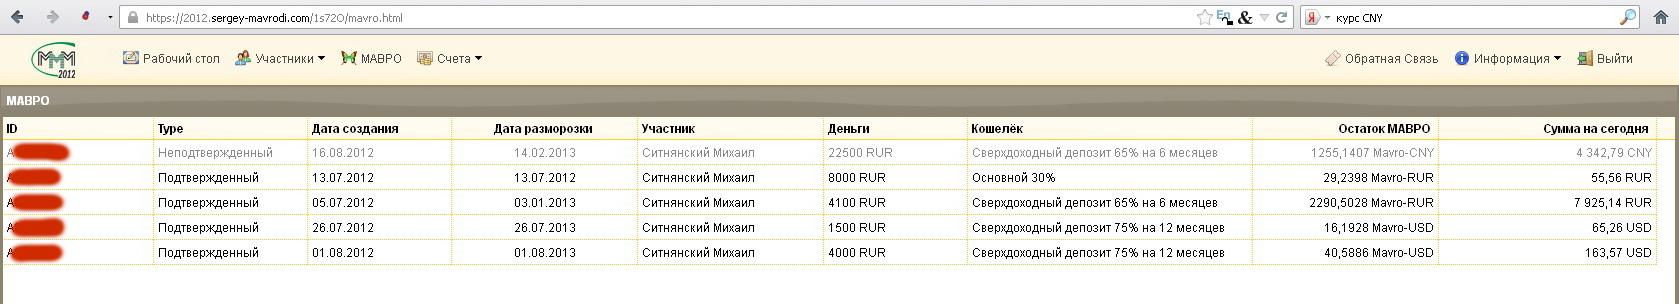 Мои вклады в МММ-2012 на 16 августа 2012